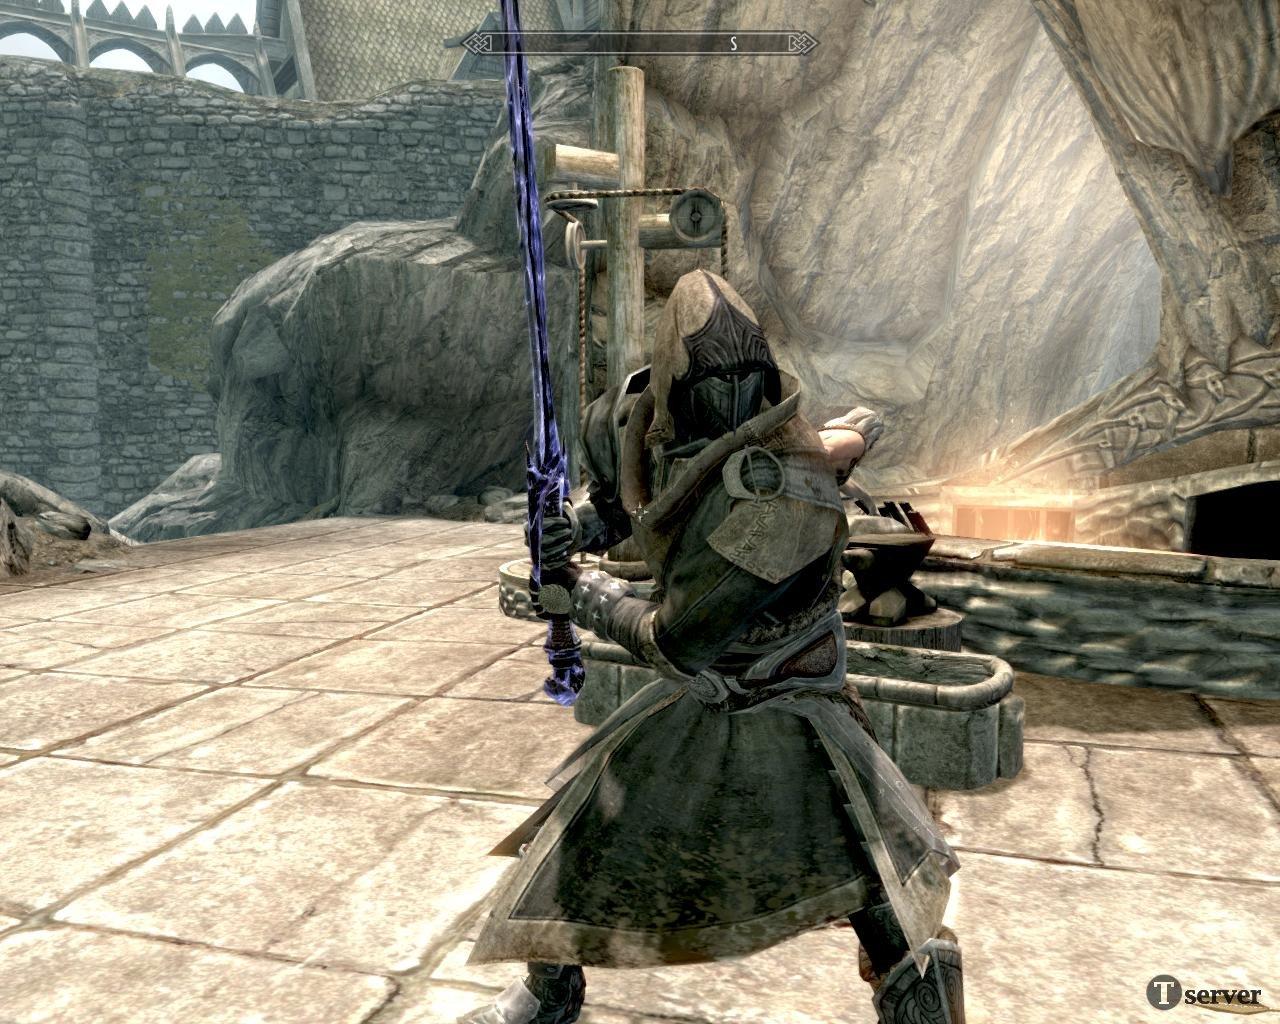 Скачать мод на броню для магов скайрим